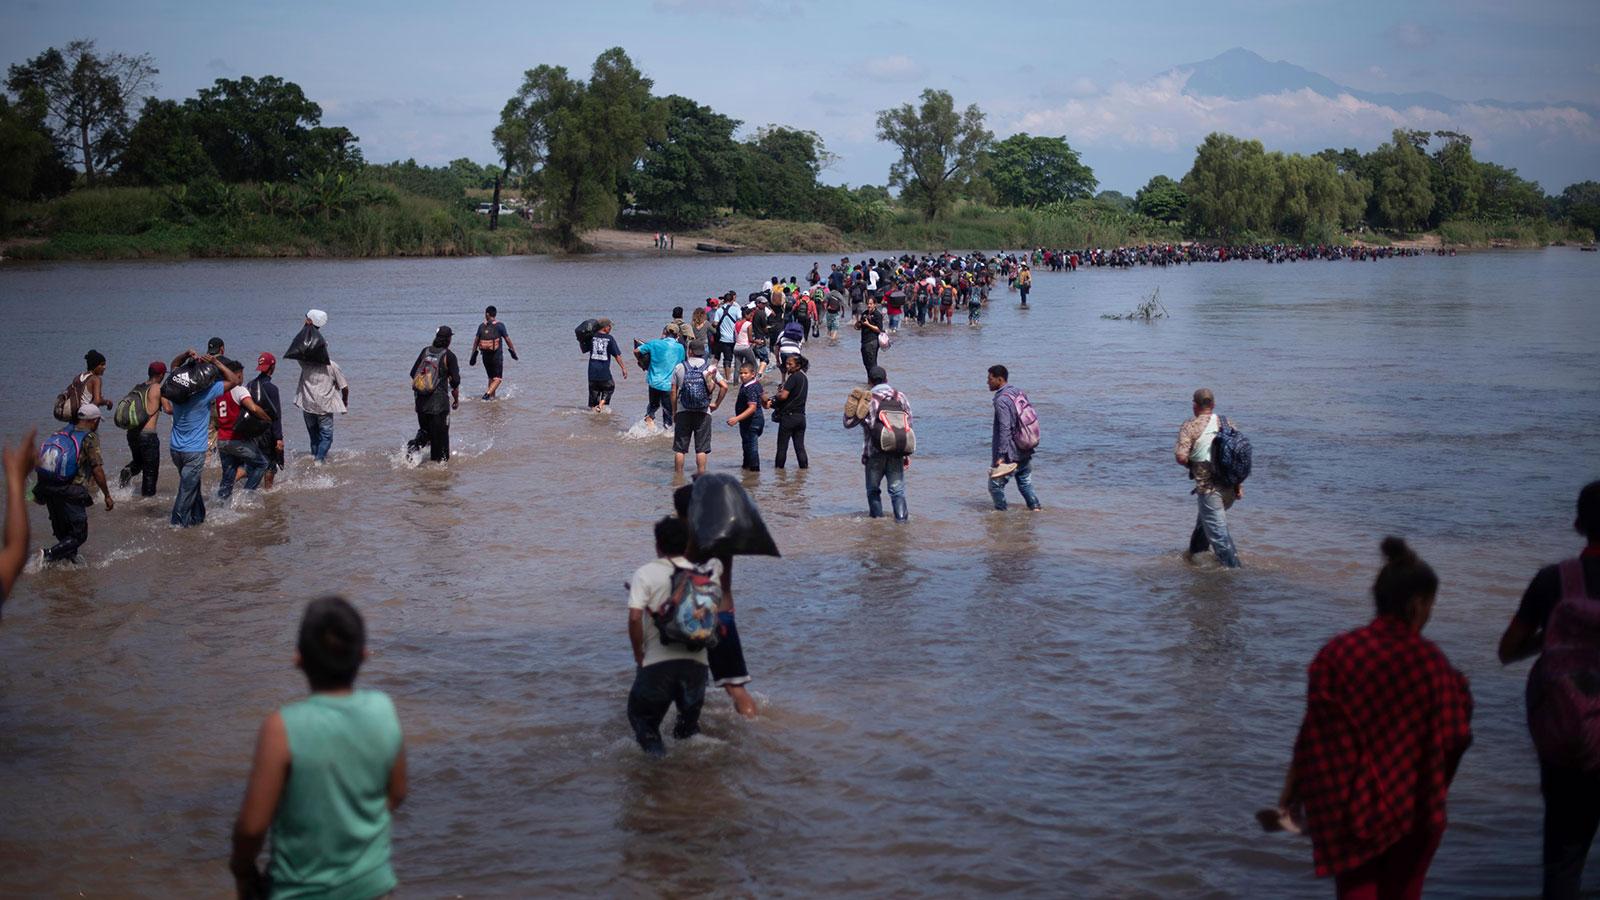 central-america-migrant-caravan-4